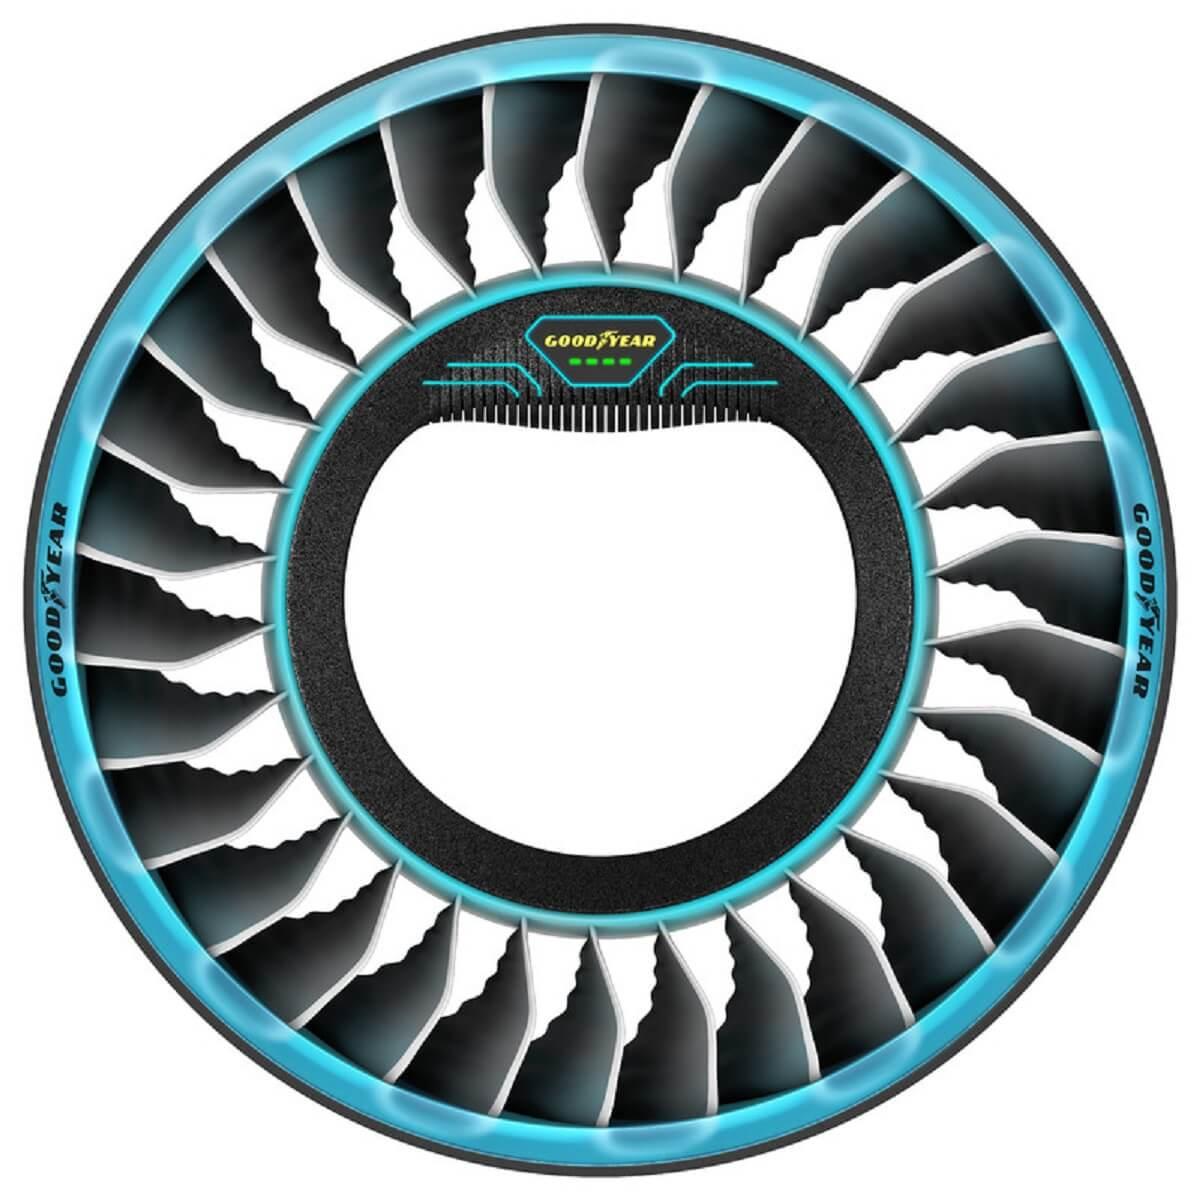 goodyear-aero-tiltrotor-tire-concept-3.jpg